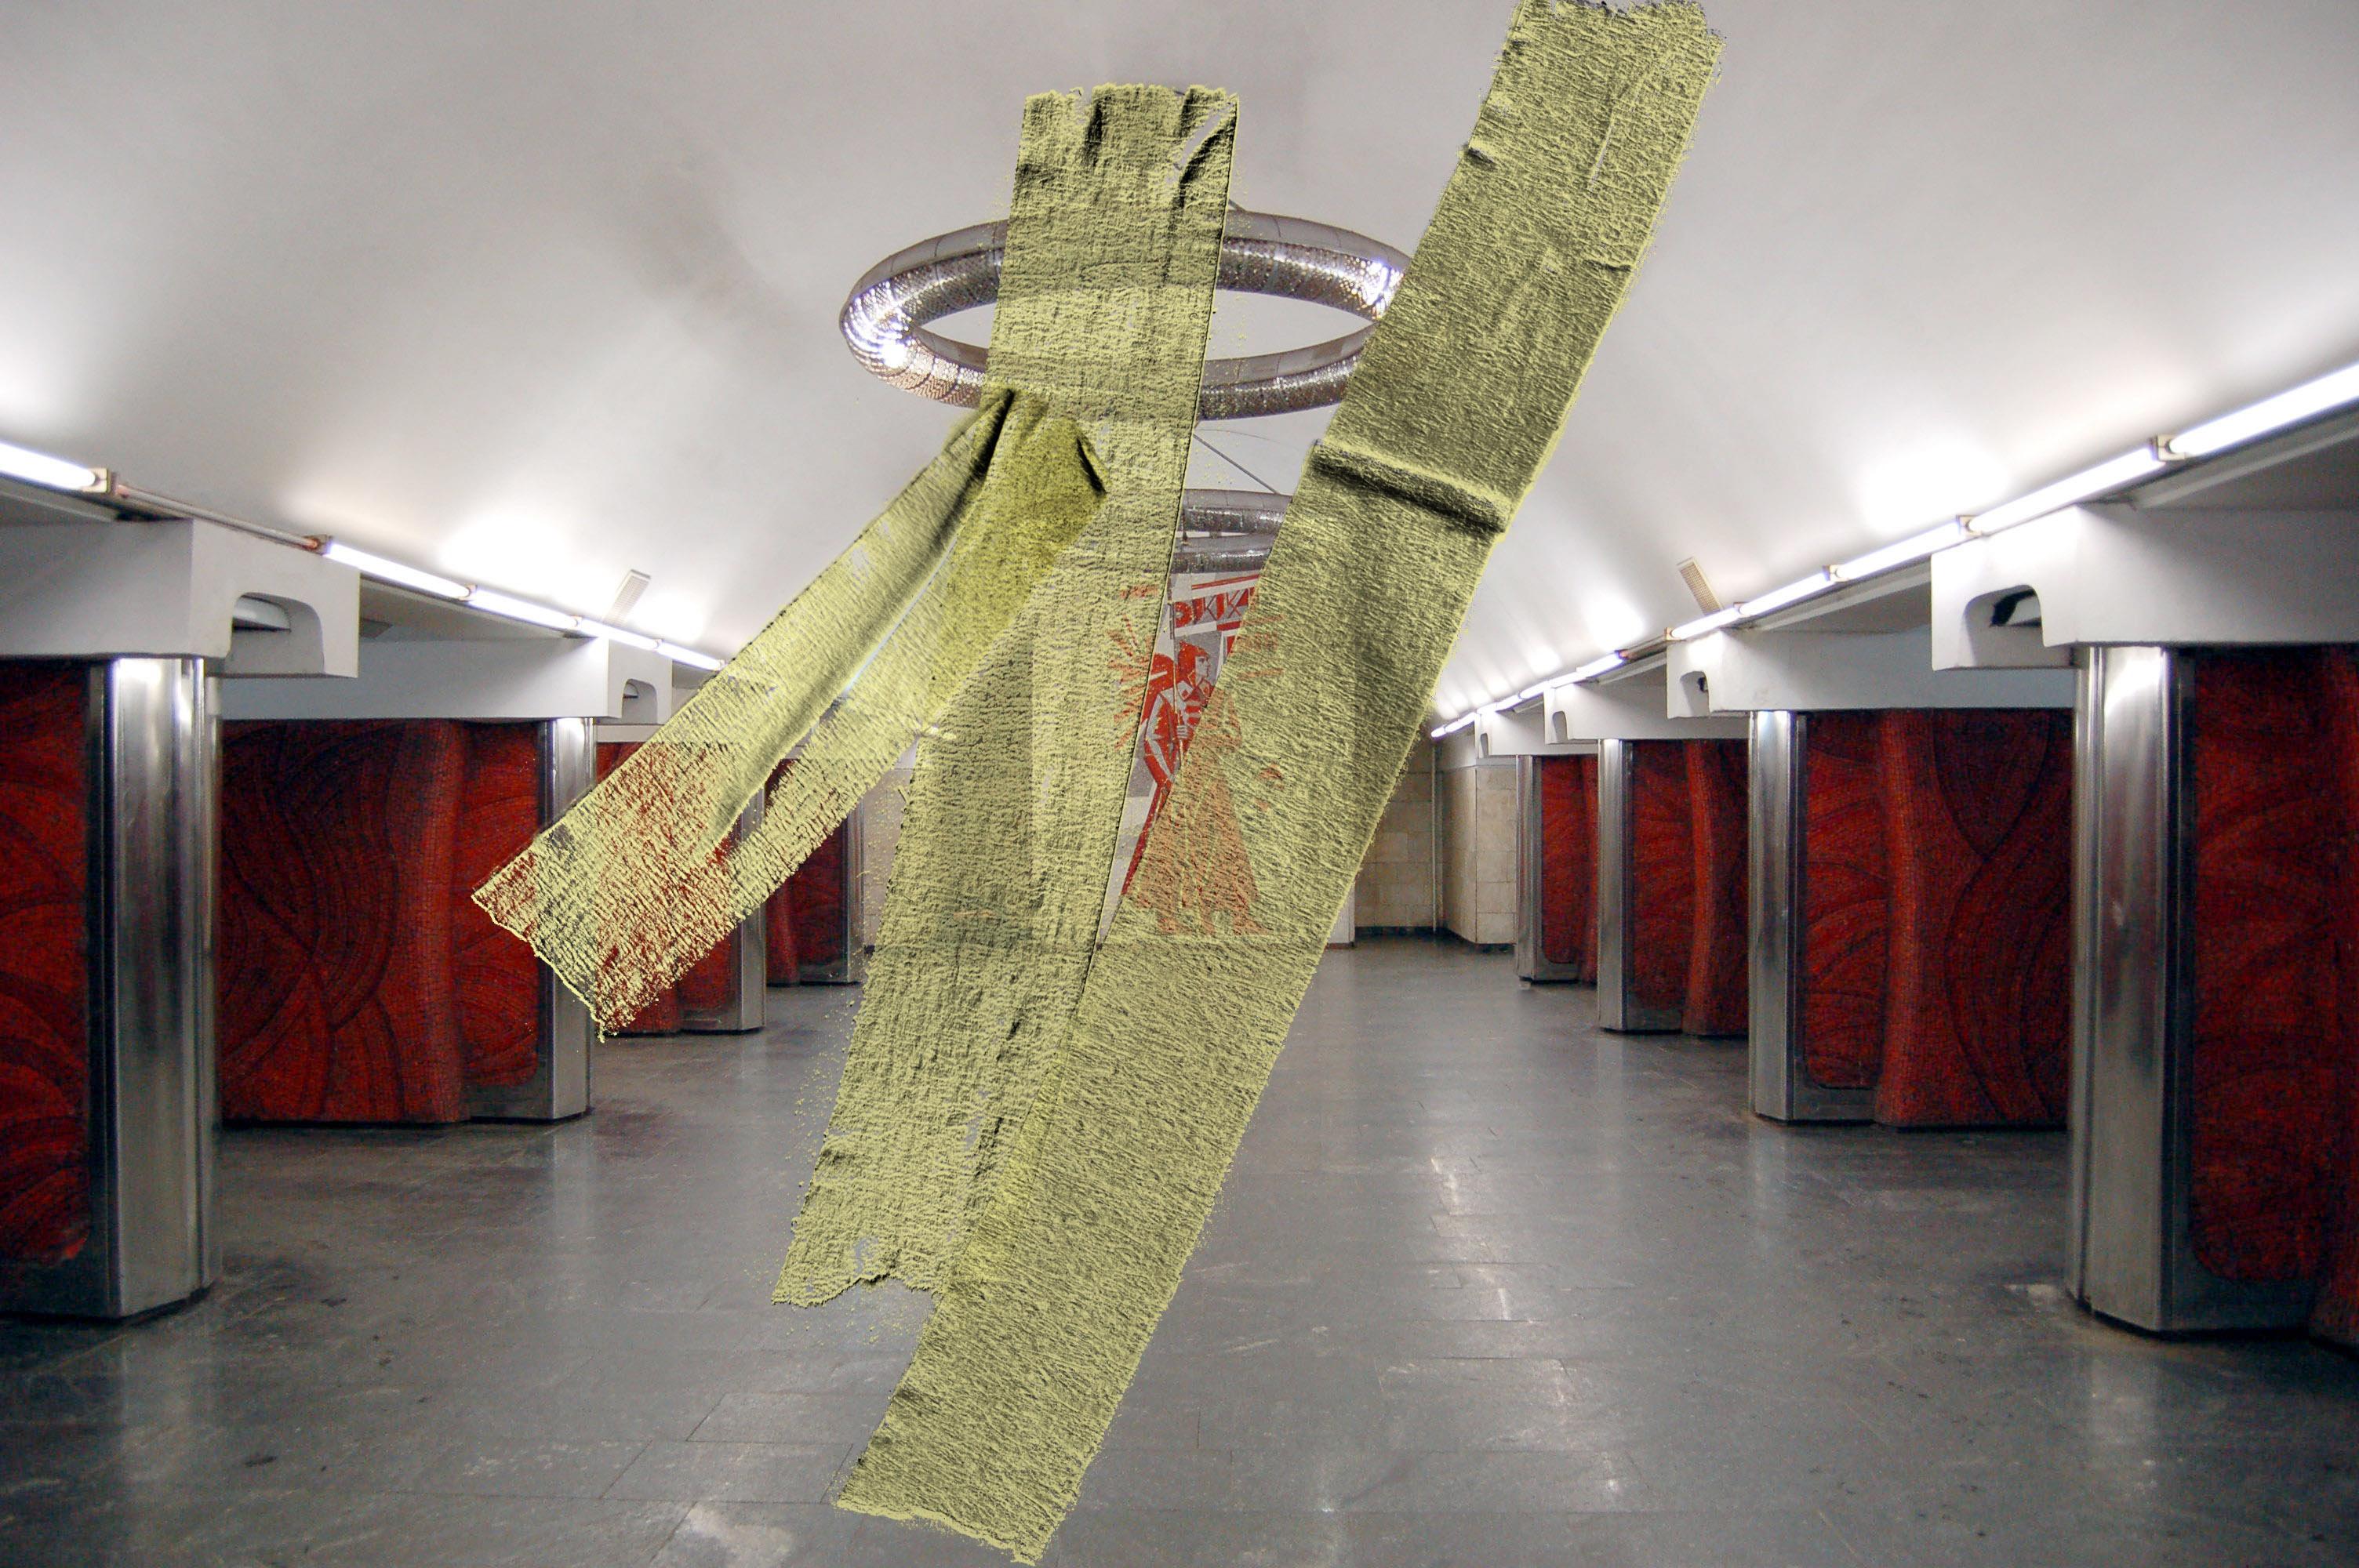 Відкритий лист щодо знищення мозаїк радянського періоду в метрополітені